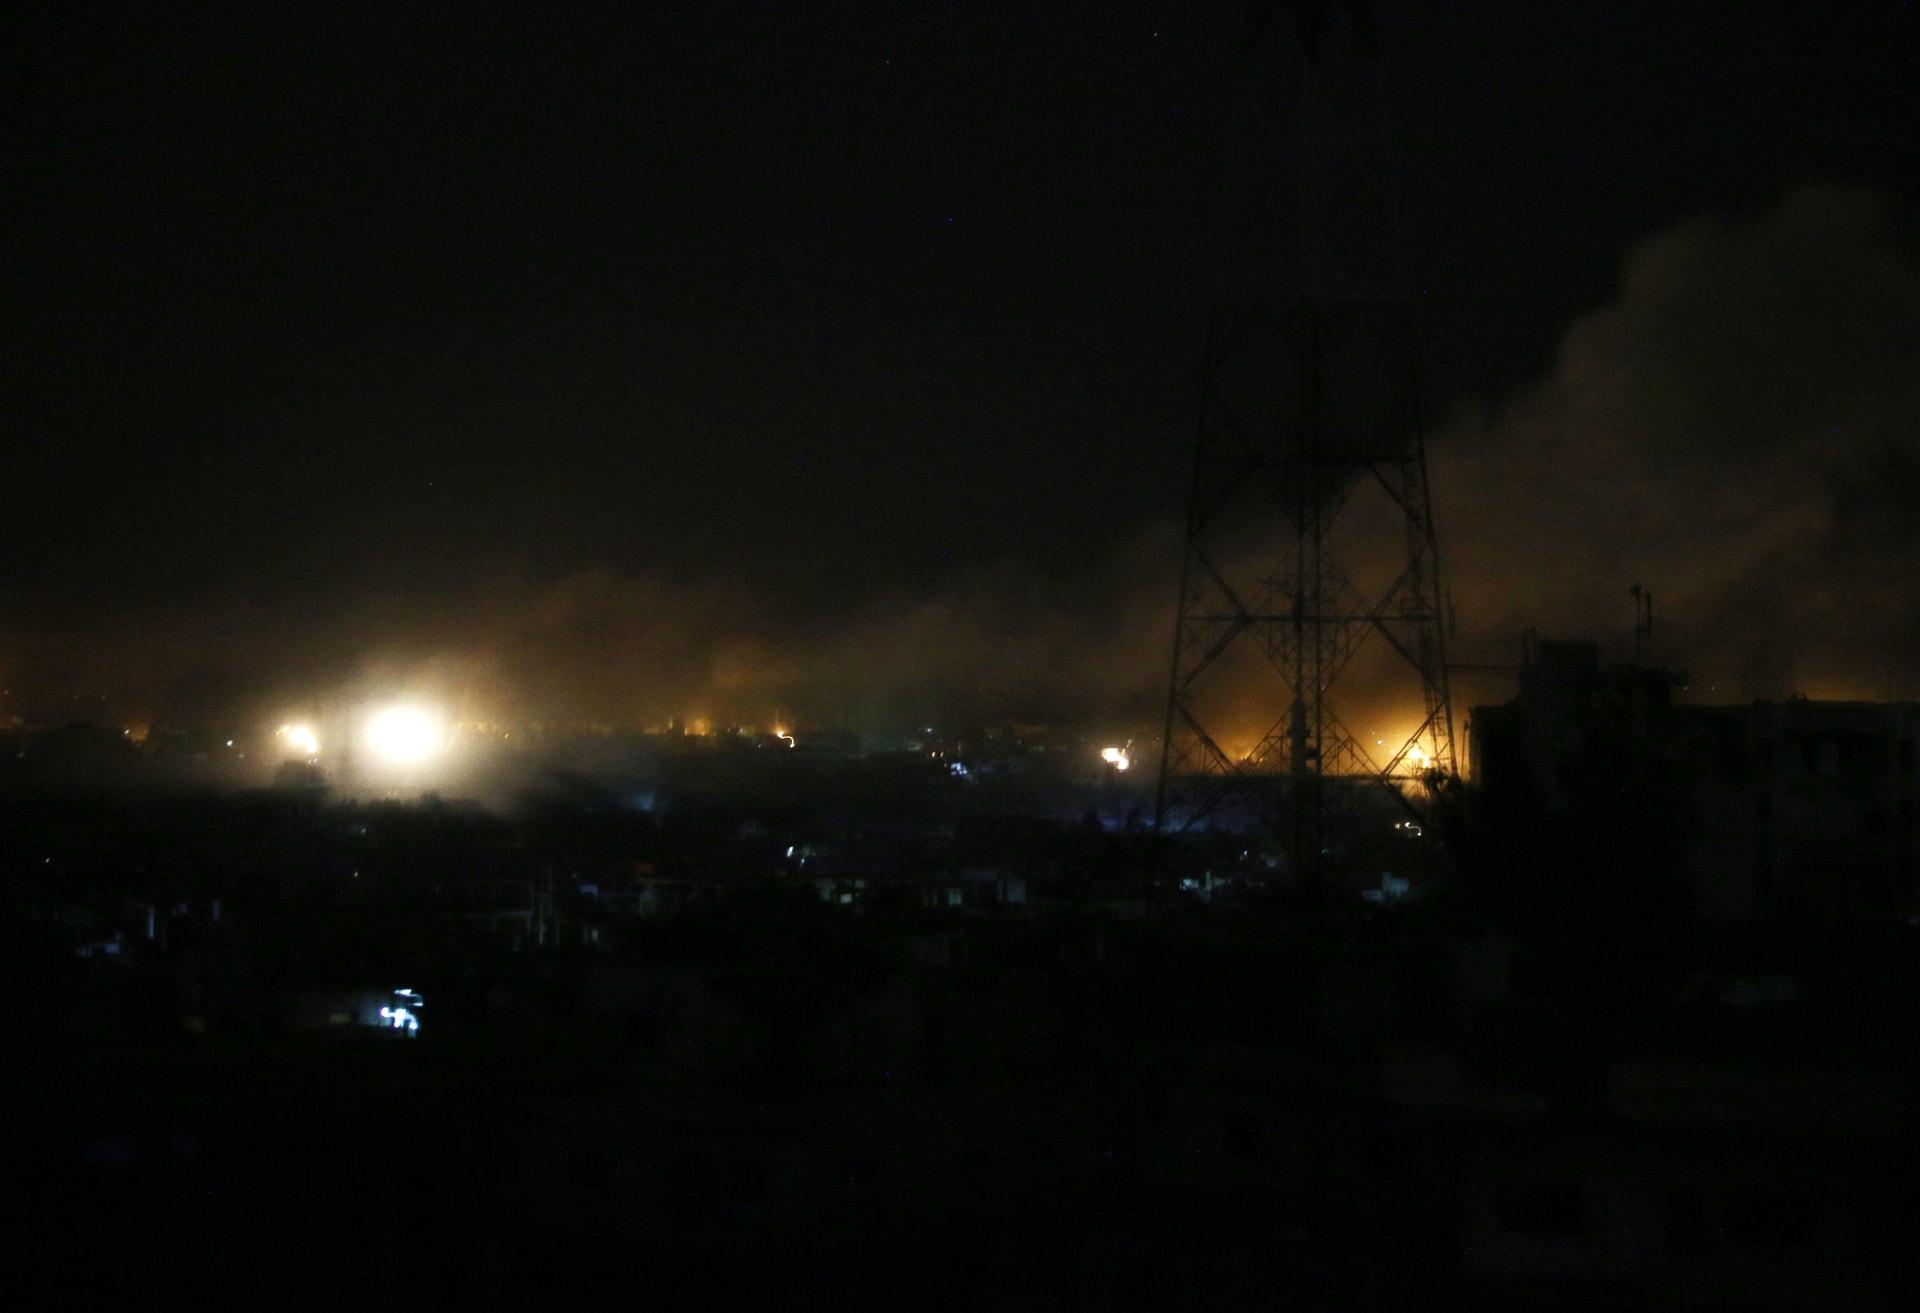 مصدر عسكري سوري: الدفاعات الجوية تتصدى لصاروخين إسرائيليين